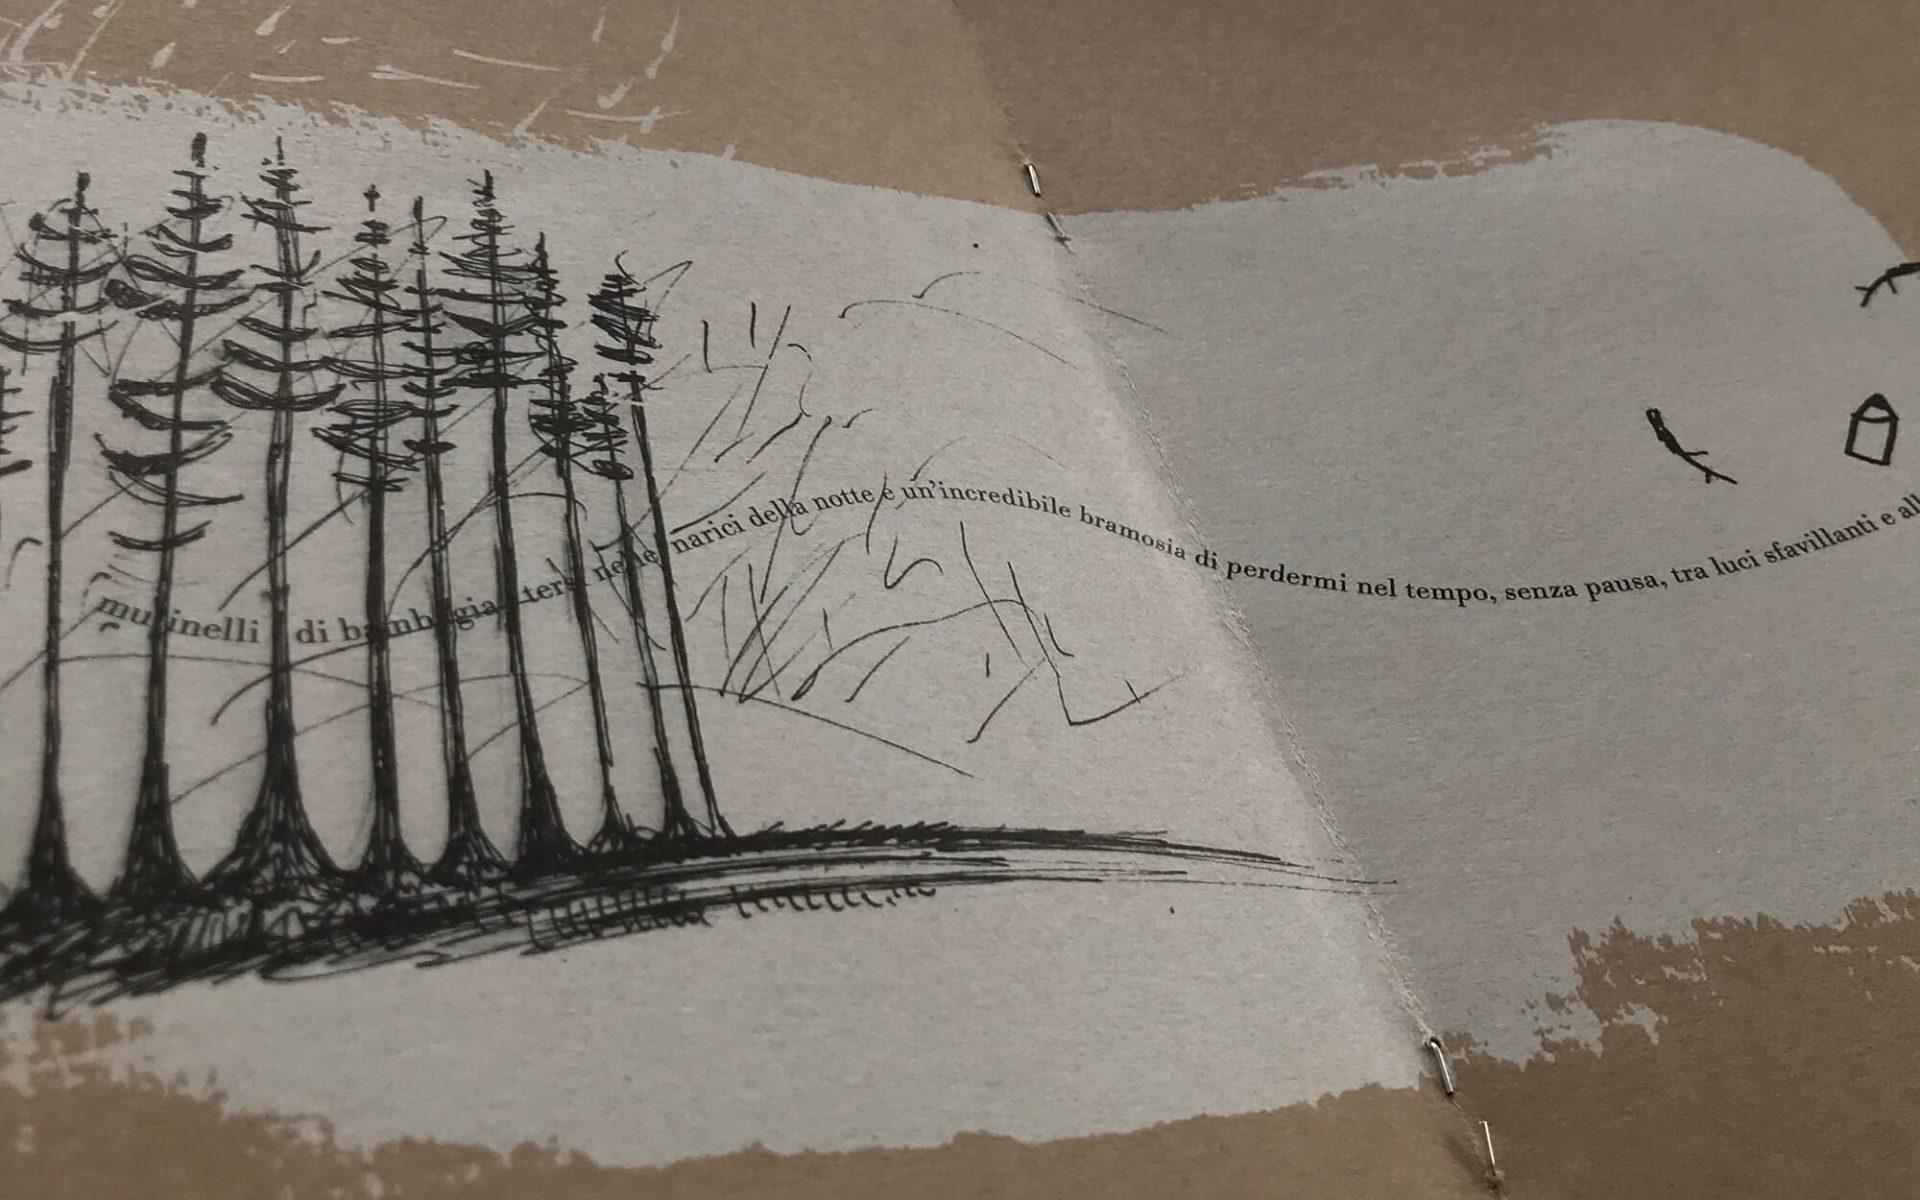 particolare della pubblicazione La Matita di Garrone, illustrata da Laura Marcolini per Diade studio, e stampata su cartoncino da pacco